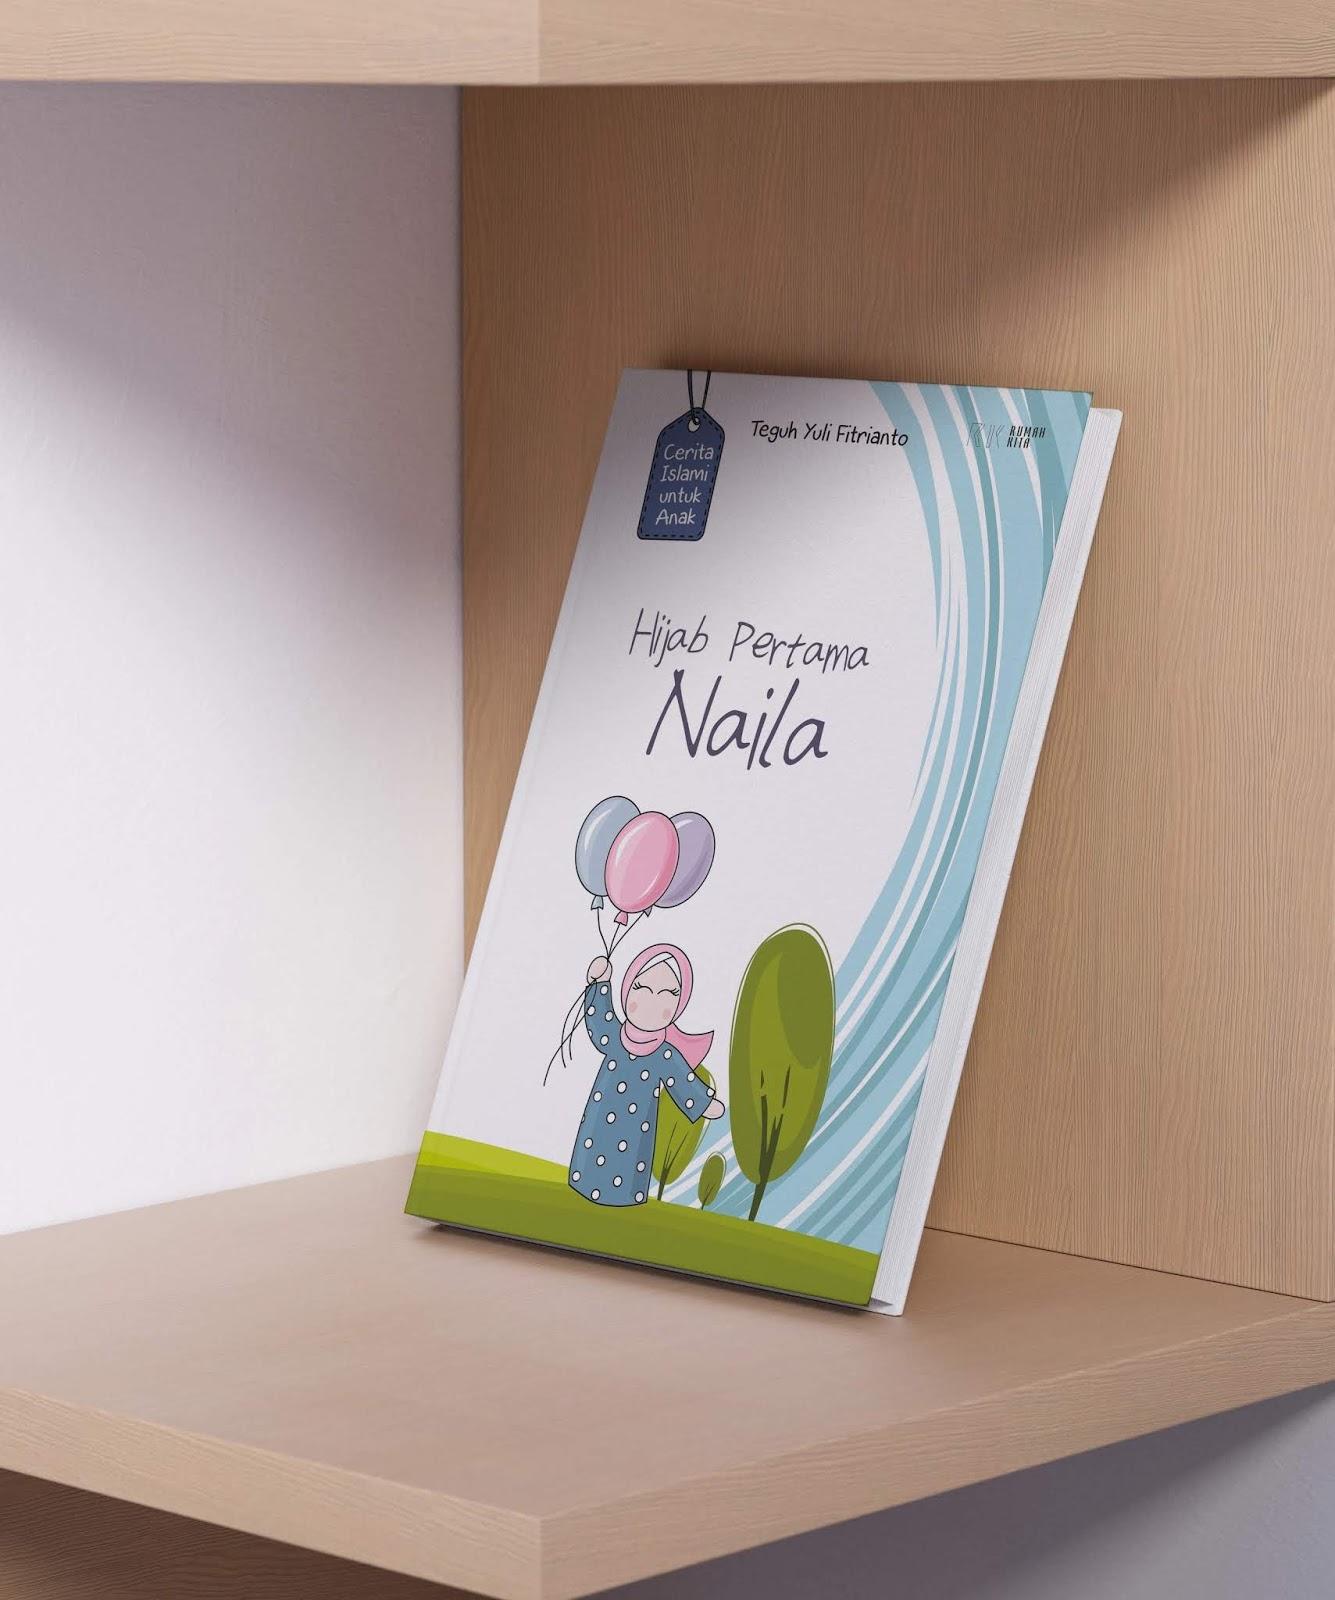 Hijab Pertama Naila